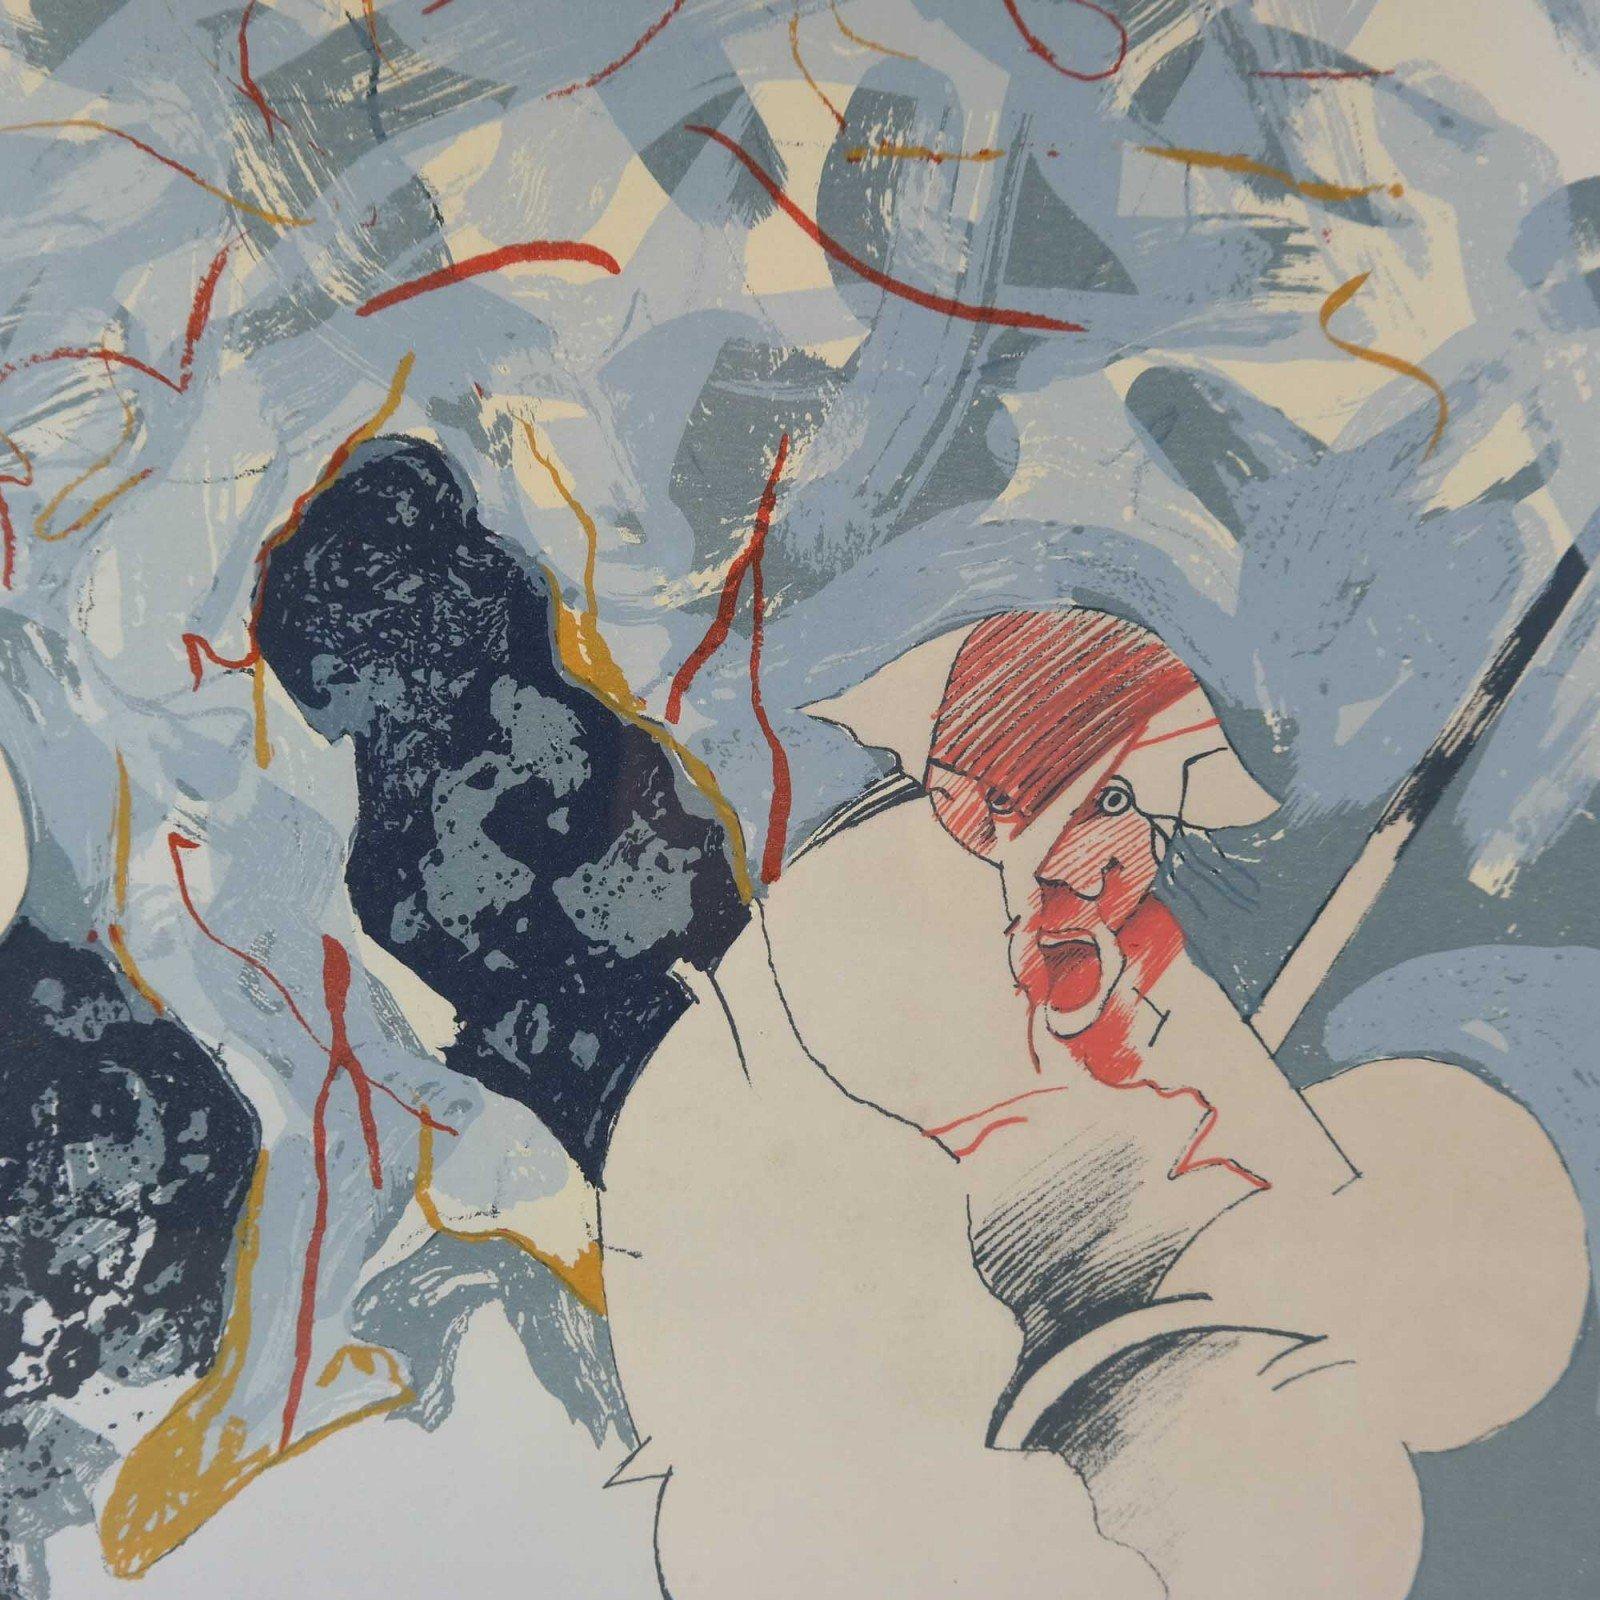 Pierre van Soest (1930-2001) - De Dulle Griet